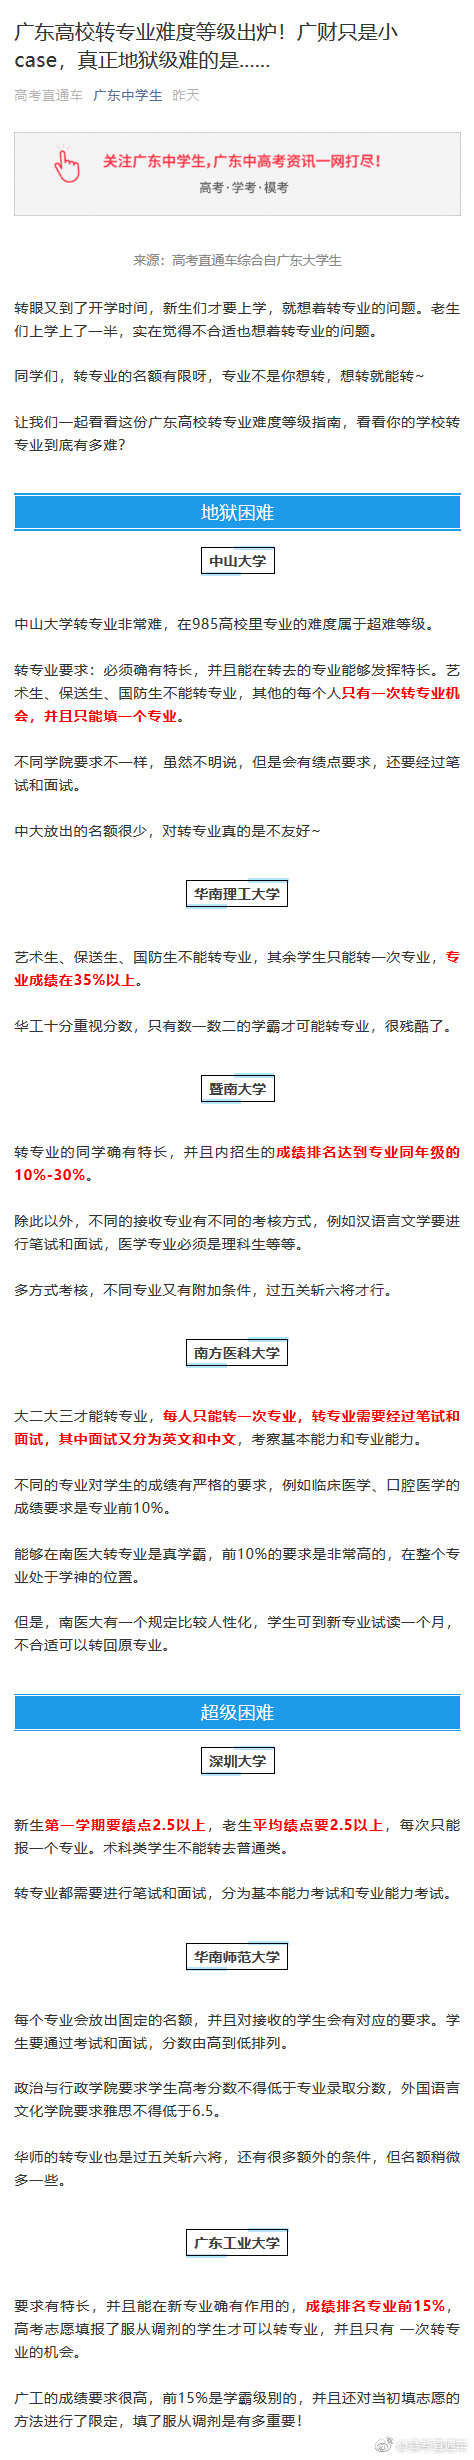 广东高校转专业难度等级出炉!有没有想转专业的同学?